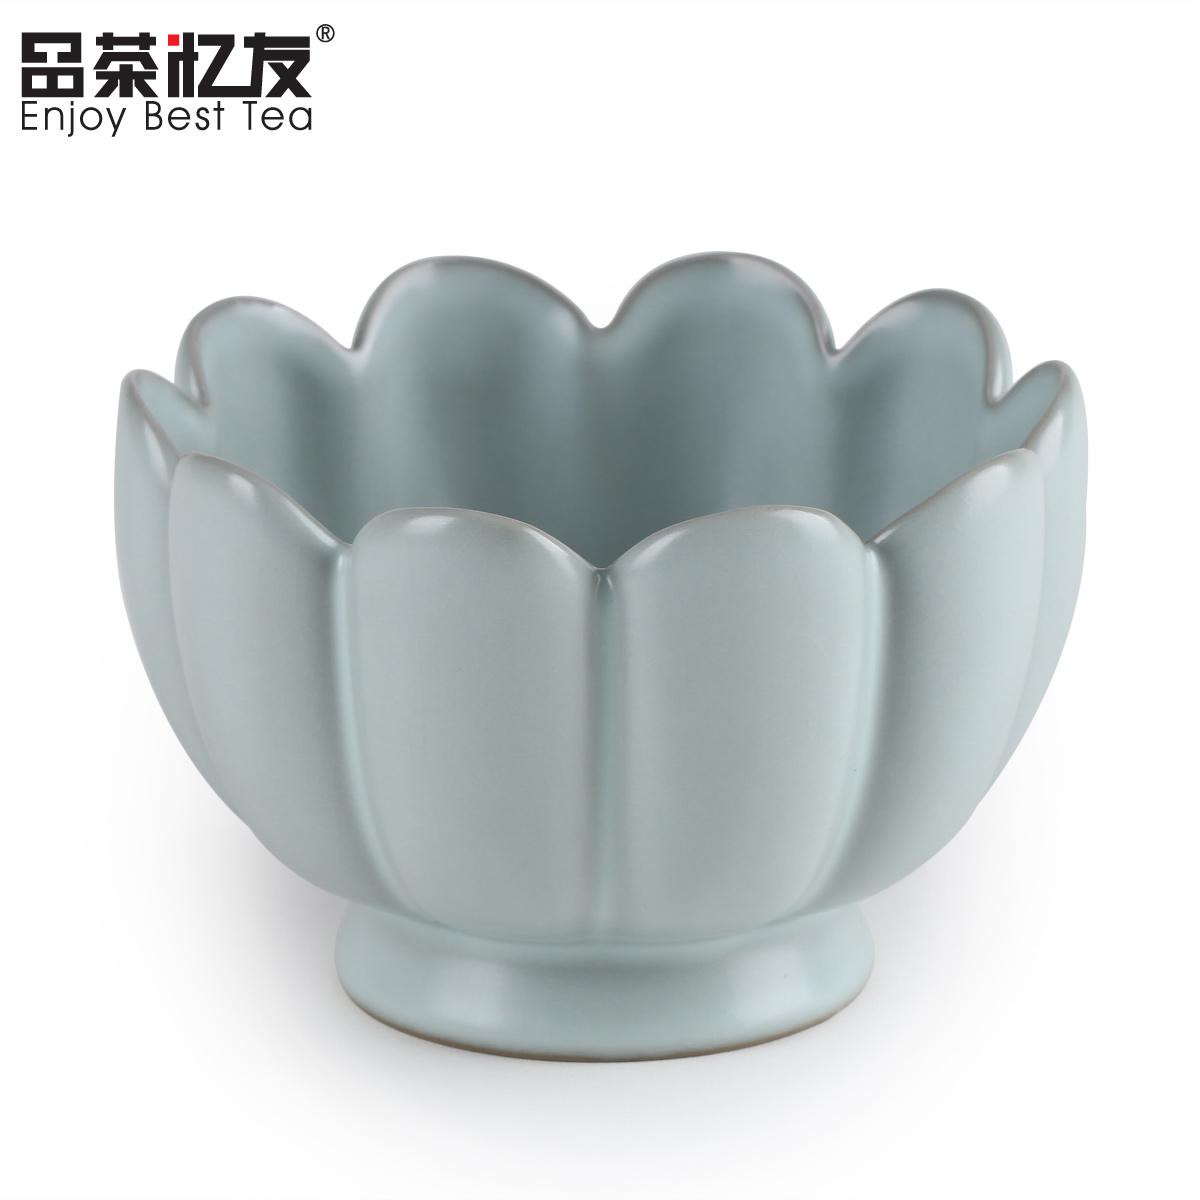 Чайные принадлежности Tea memory Friends of 022423020502